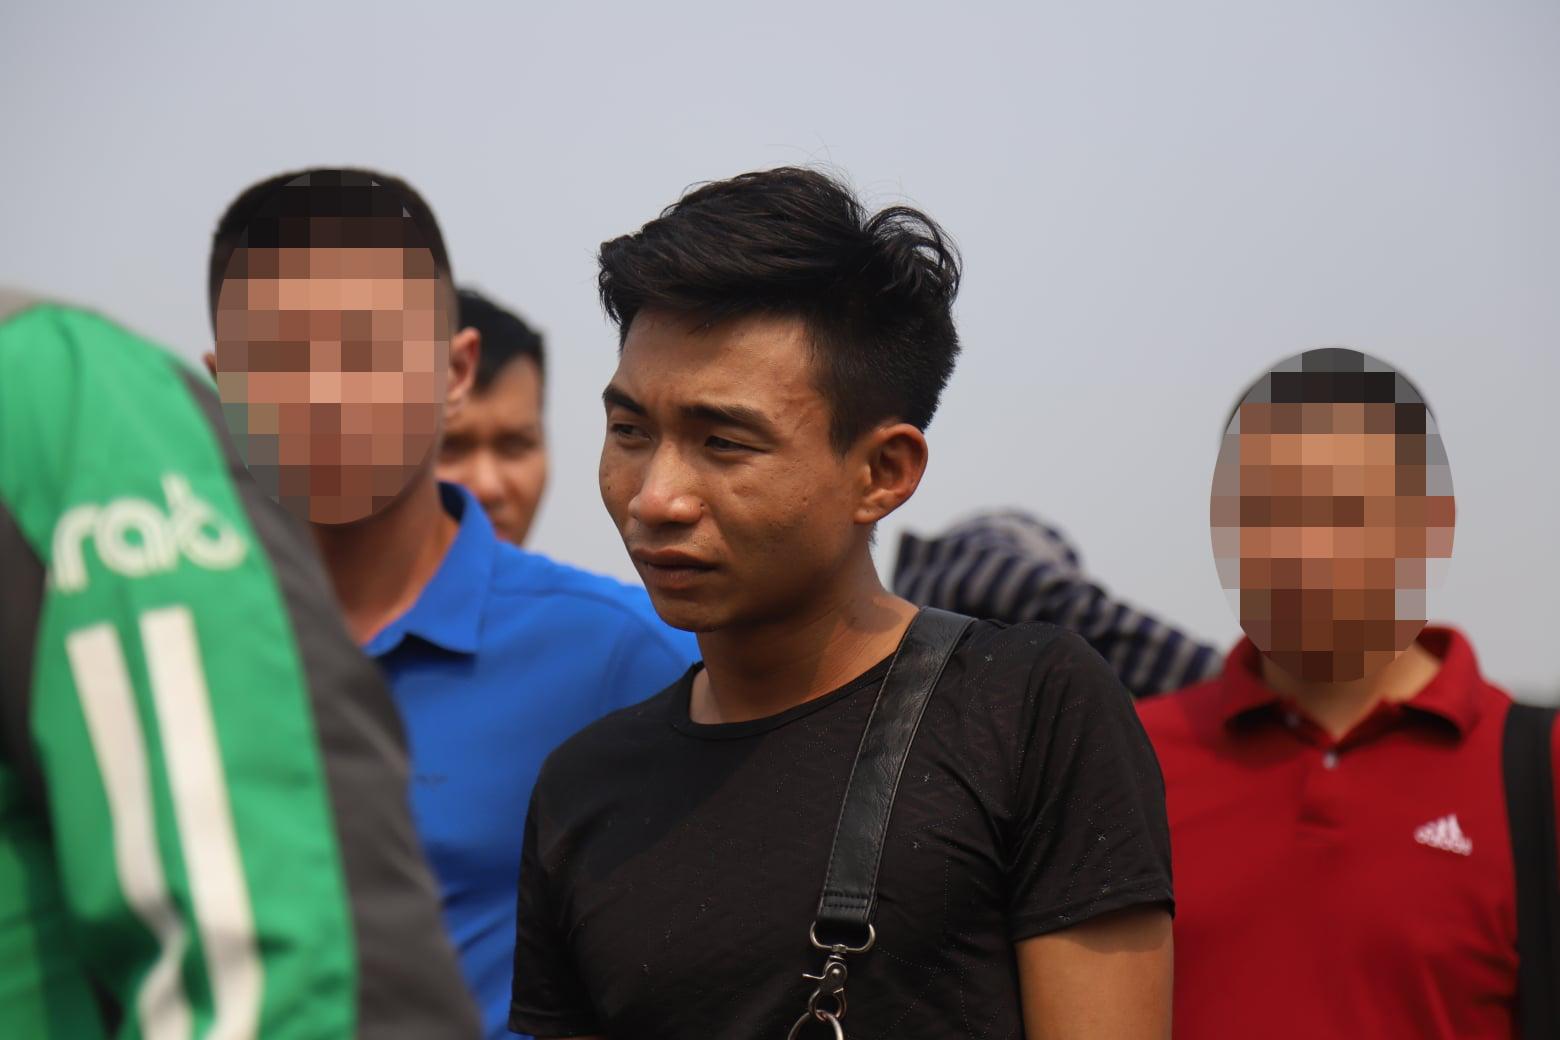 Bất ngờ về sự bàn bạc của 2 nghi phạm hạ sát tài xế Grab ở Hà Nội - Hình 1